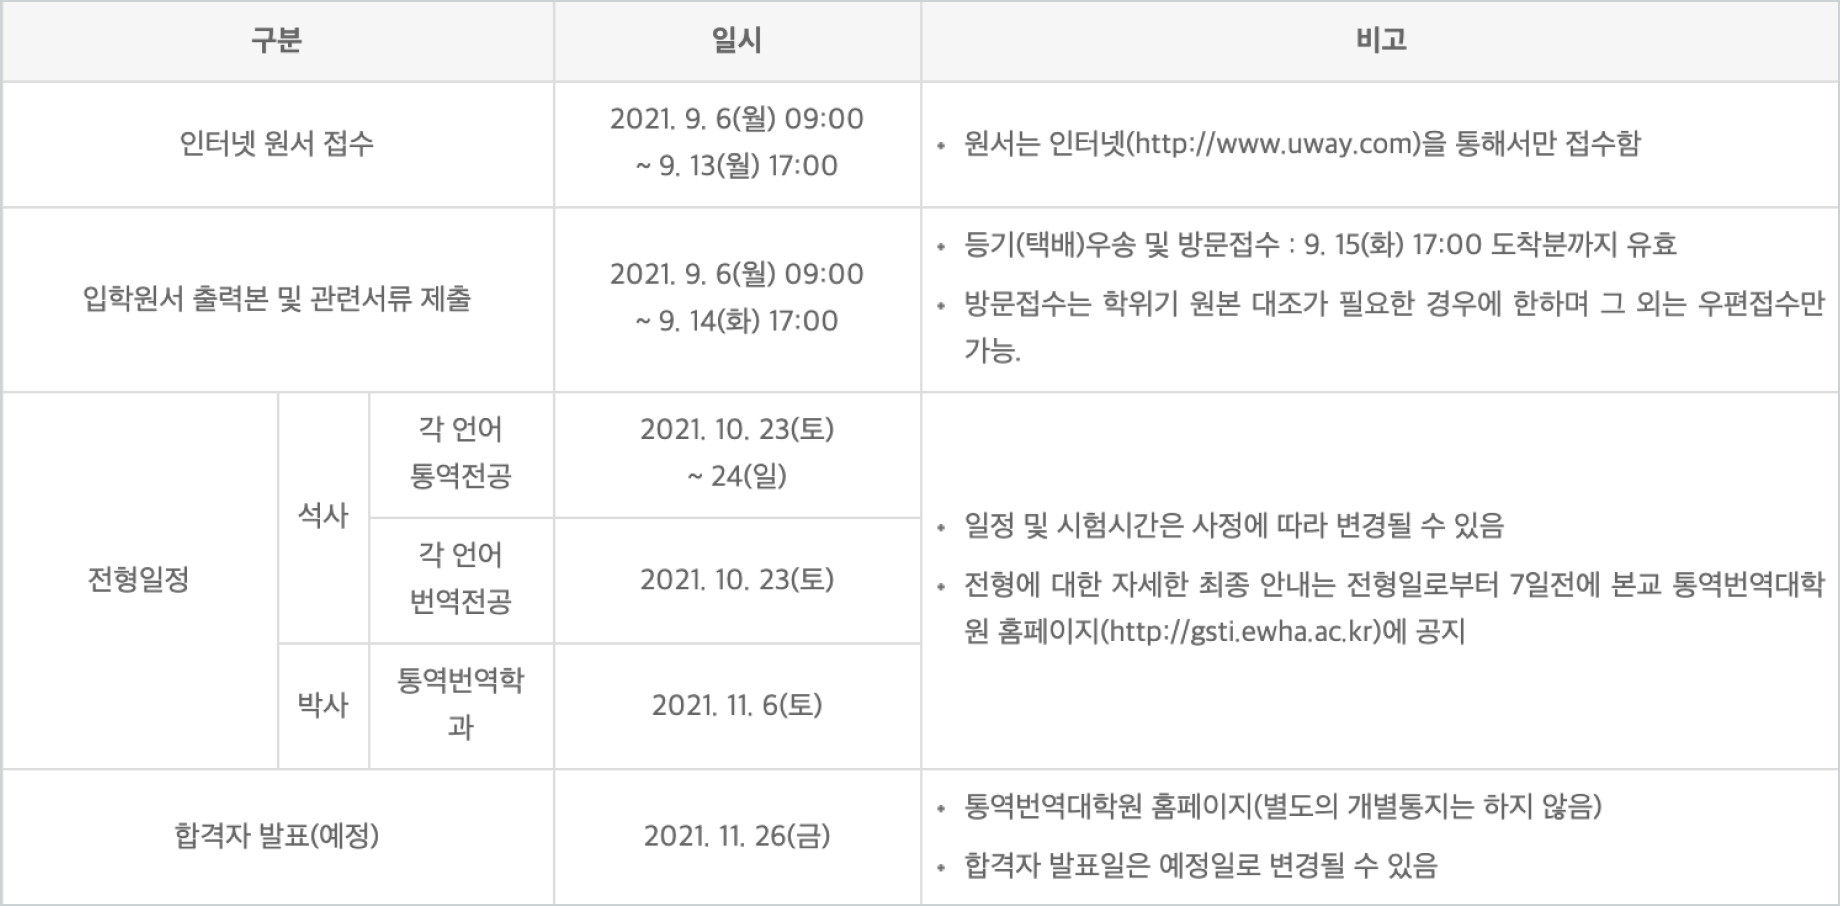 한국외국어대학교 통번역 대학원 전형일정